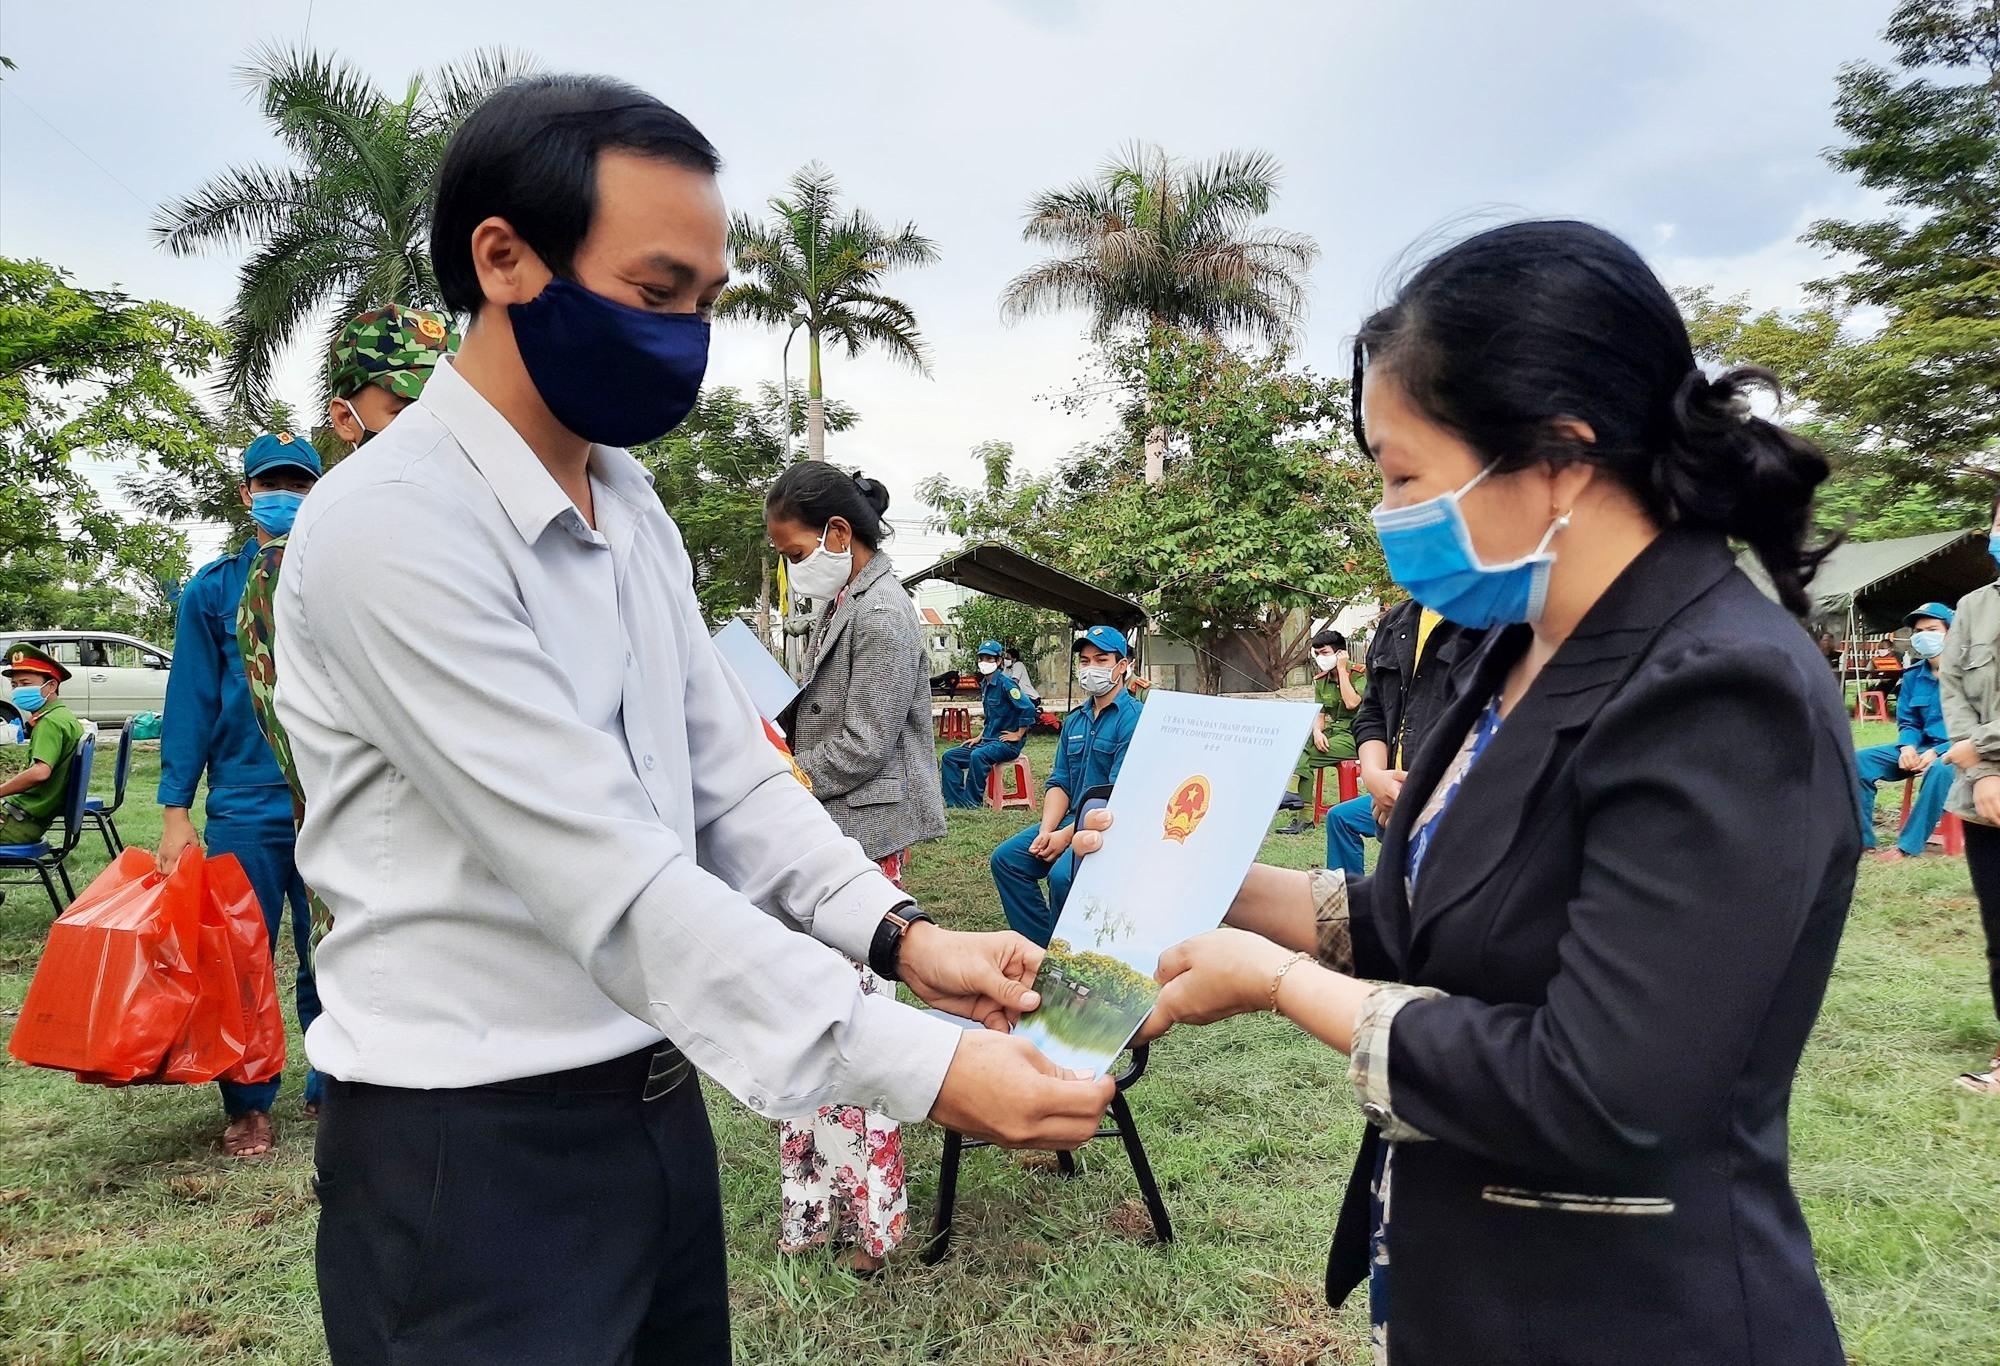 Phó Chủ tịch UBND TP.Tam Kỳ Nguyễn Hồng Lai trao giấy xác nhận hoàn thành cách ly y tế tập trung cho 19 công dân. Ảnh: Đ. ĐẠO